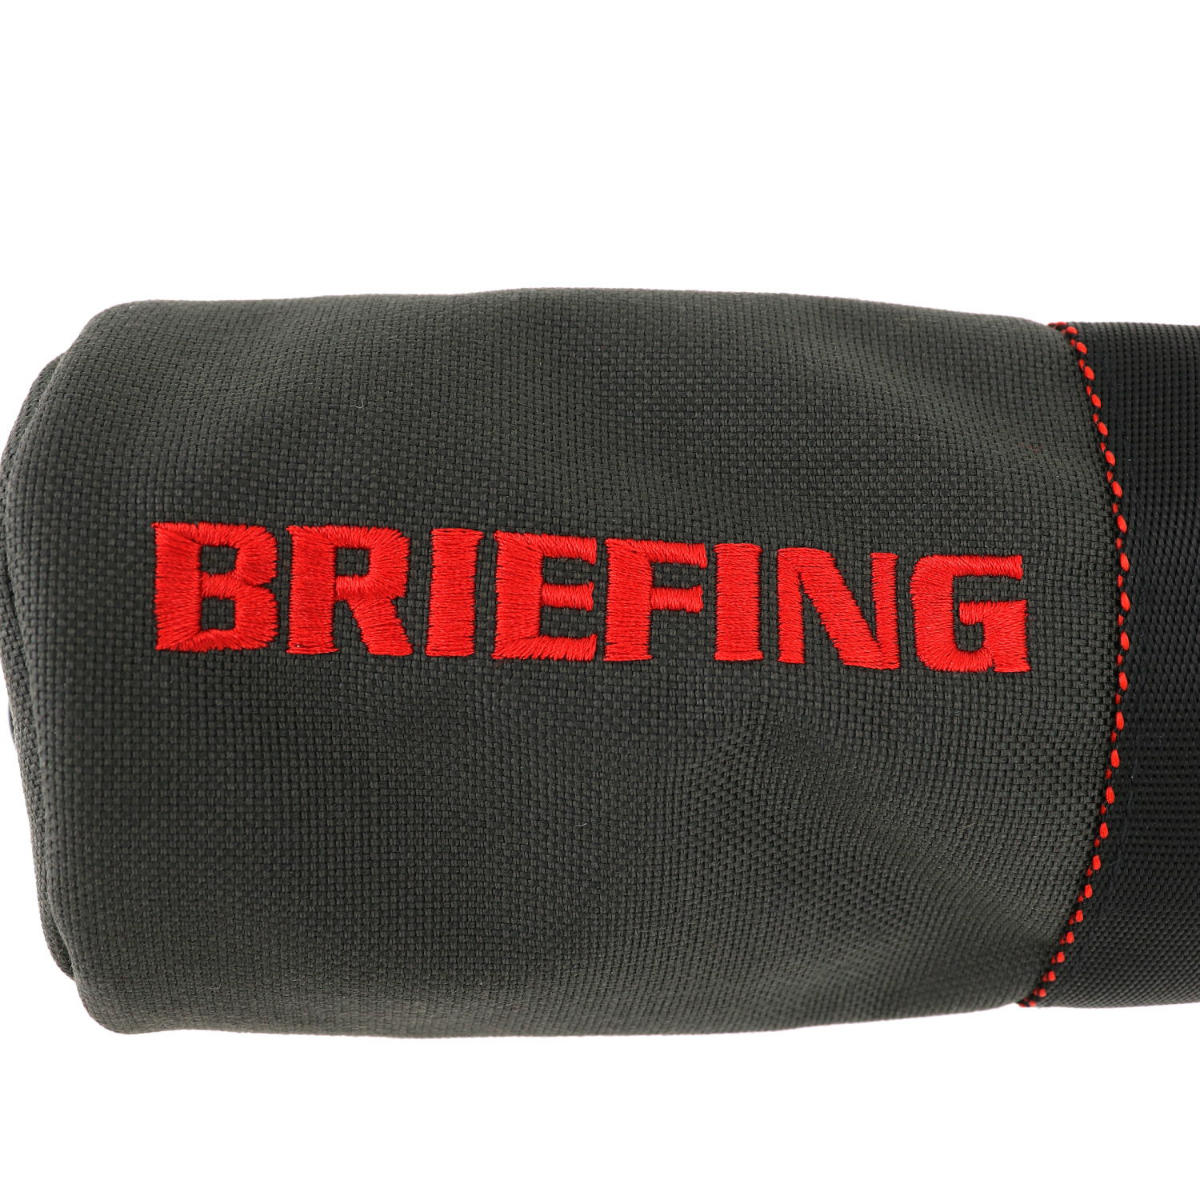 ブリーフィングゴルフ BRIEFING GOLF UTILITY WOOD COVER VORTEX ユーティリティウッドカバー VORTEX CANVAS SERIES BRG211G11 BRG 011 STEEL(チャコール) 春夏新作